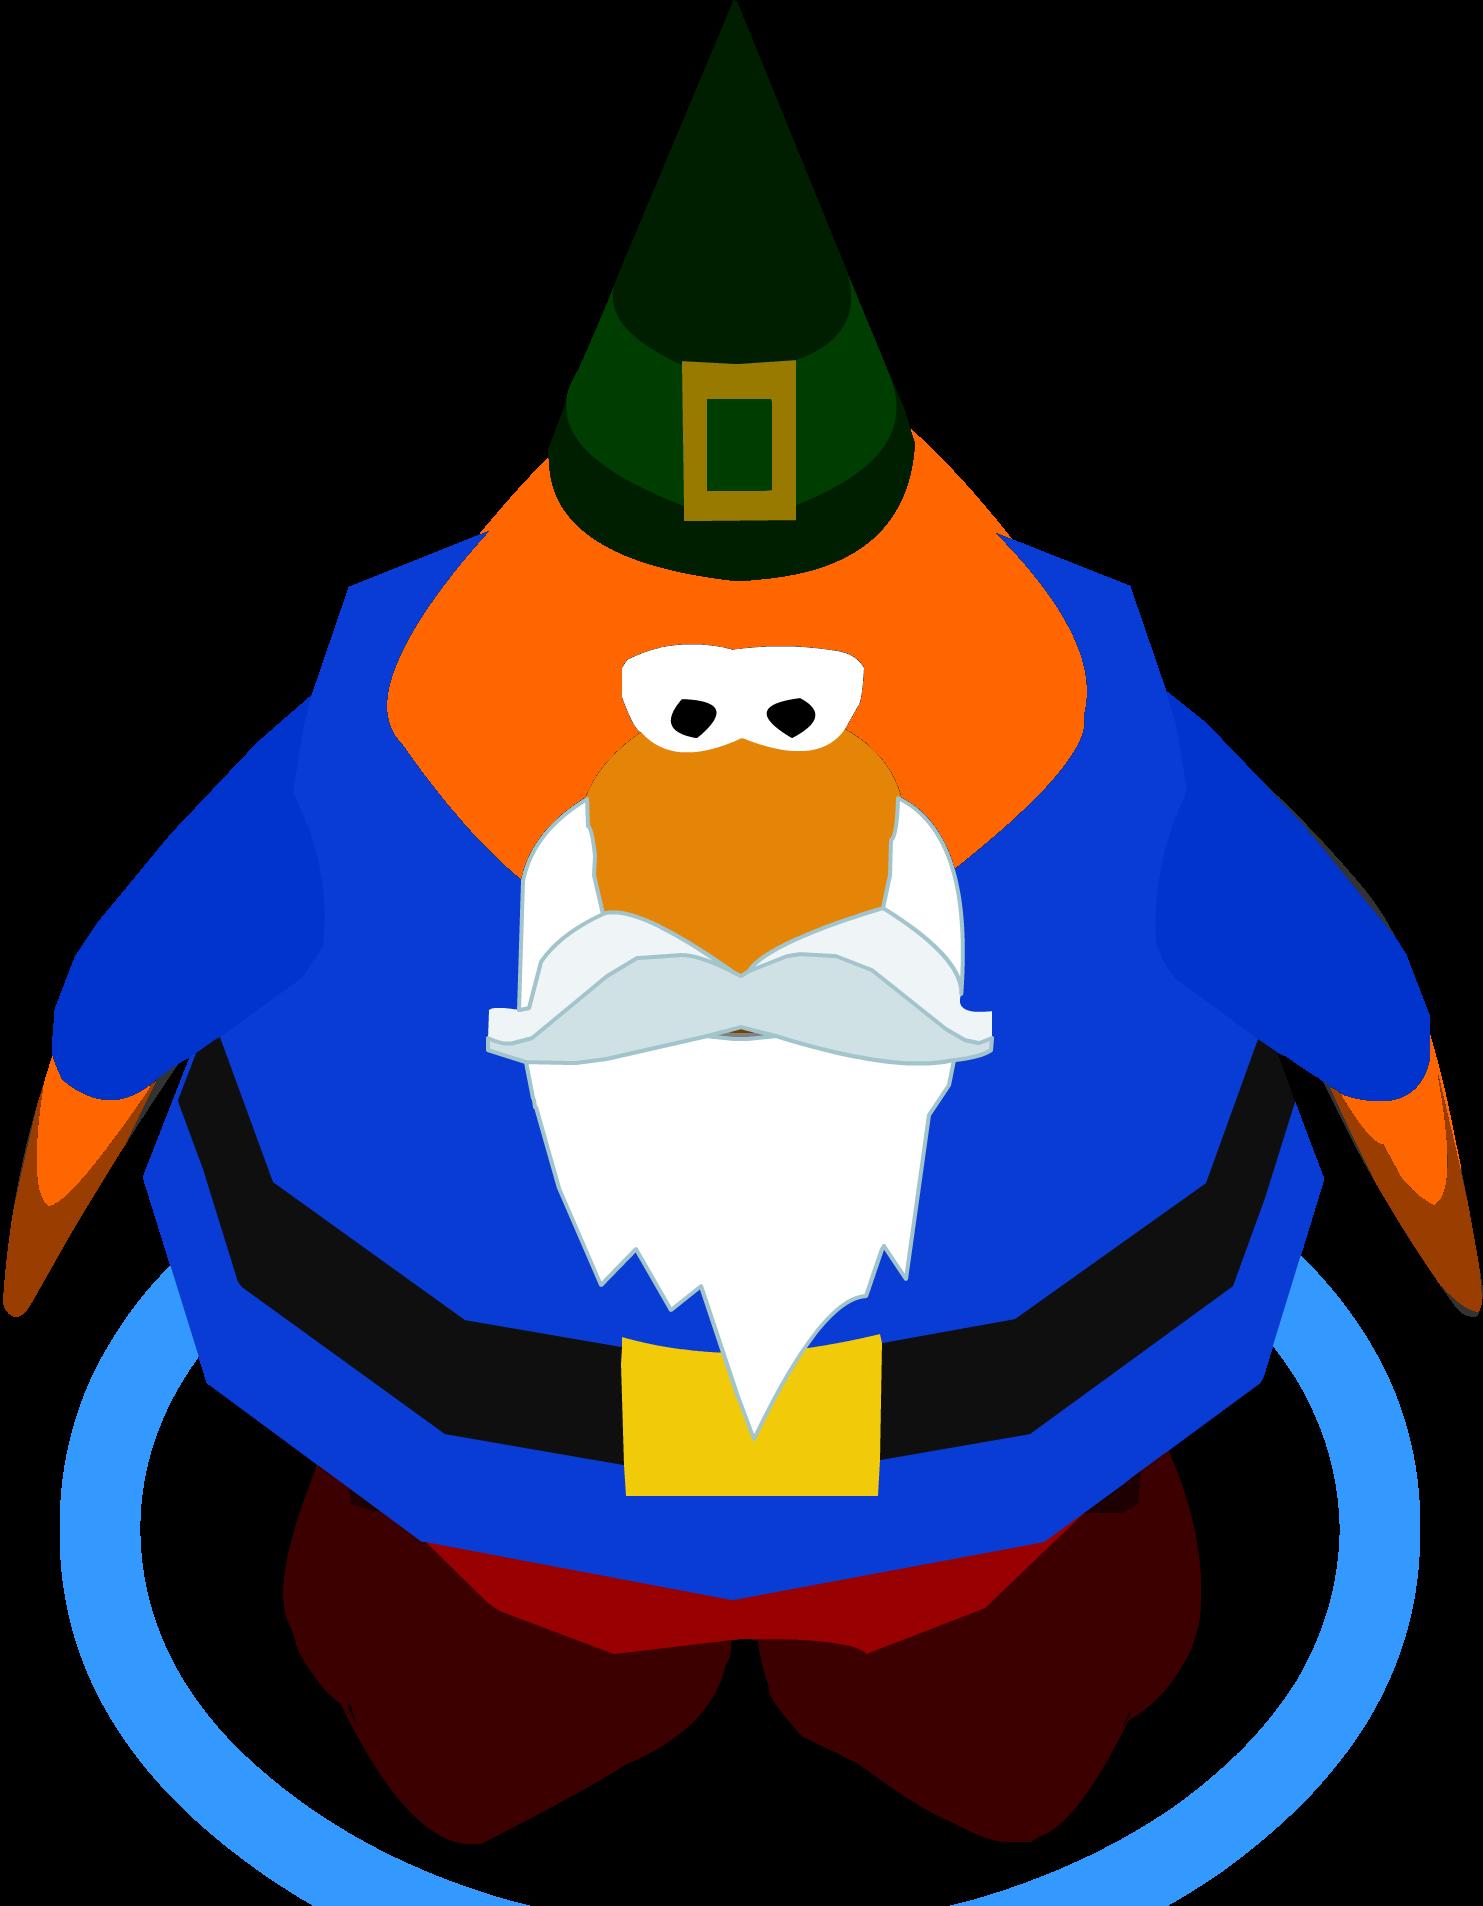 Bernard the Garden Gnome